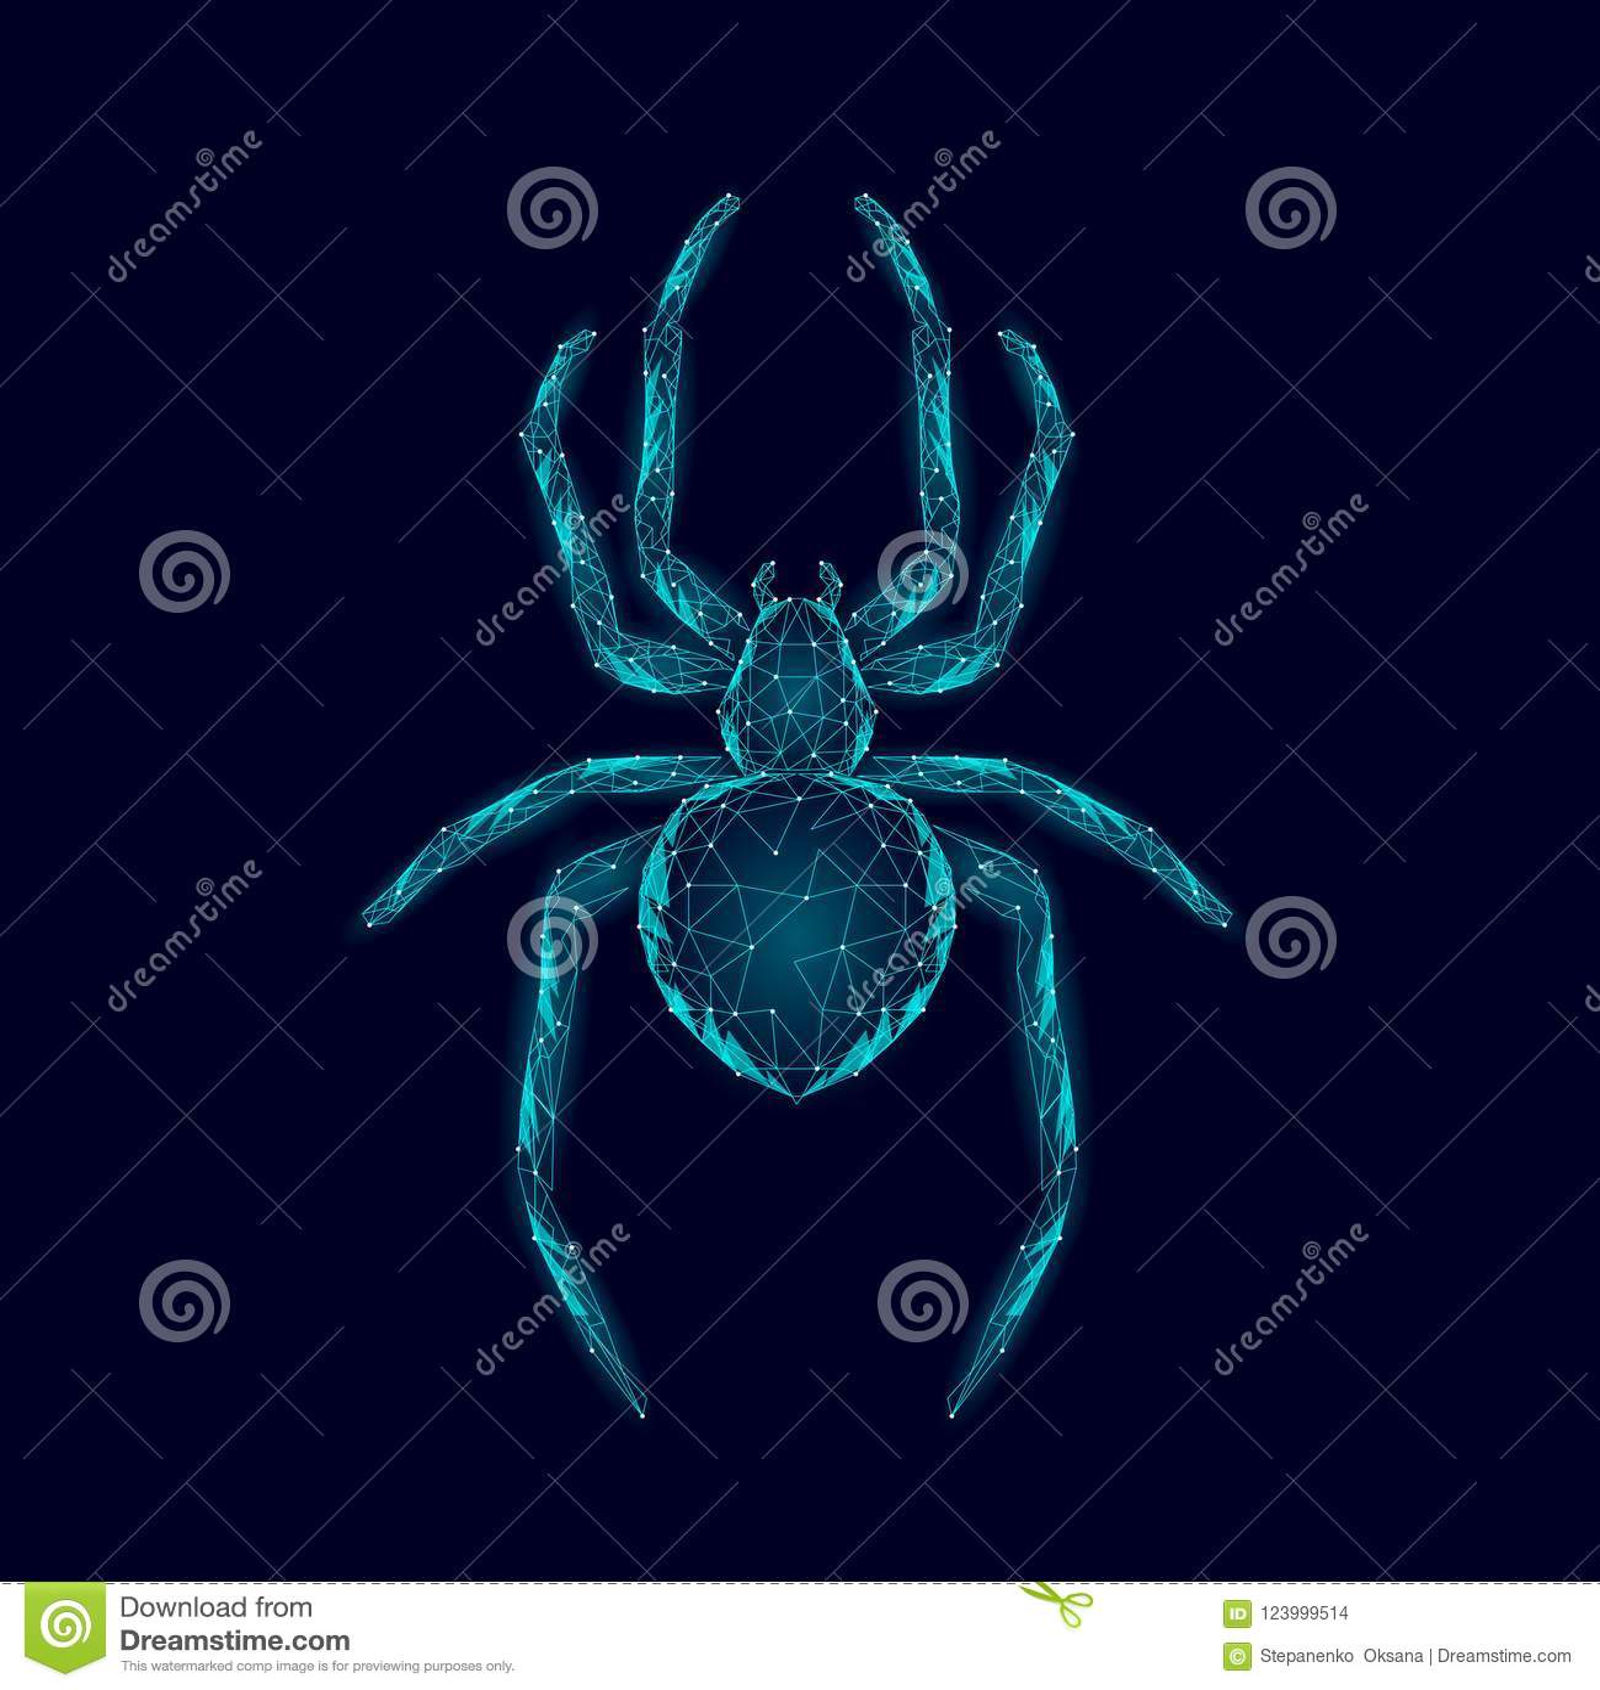 低多蜘蛛危险蜘蛛纲的动物 网安全病毒数据安全抗病毒概念 多角形现代蓝色发光